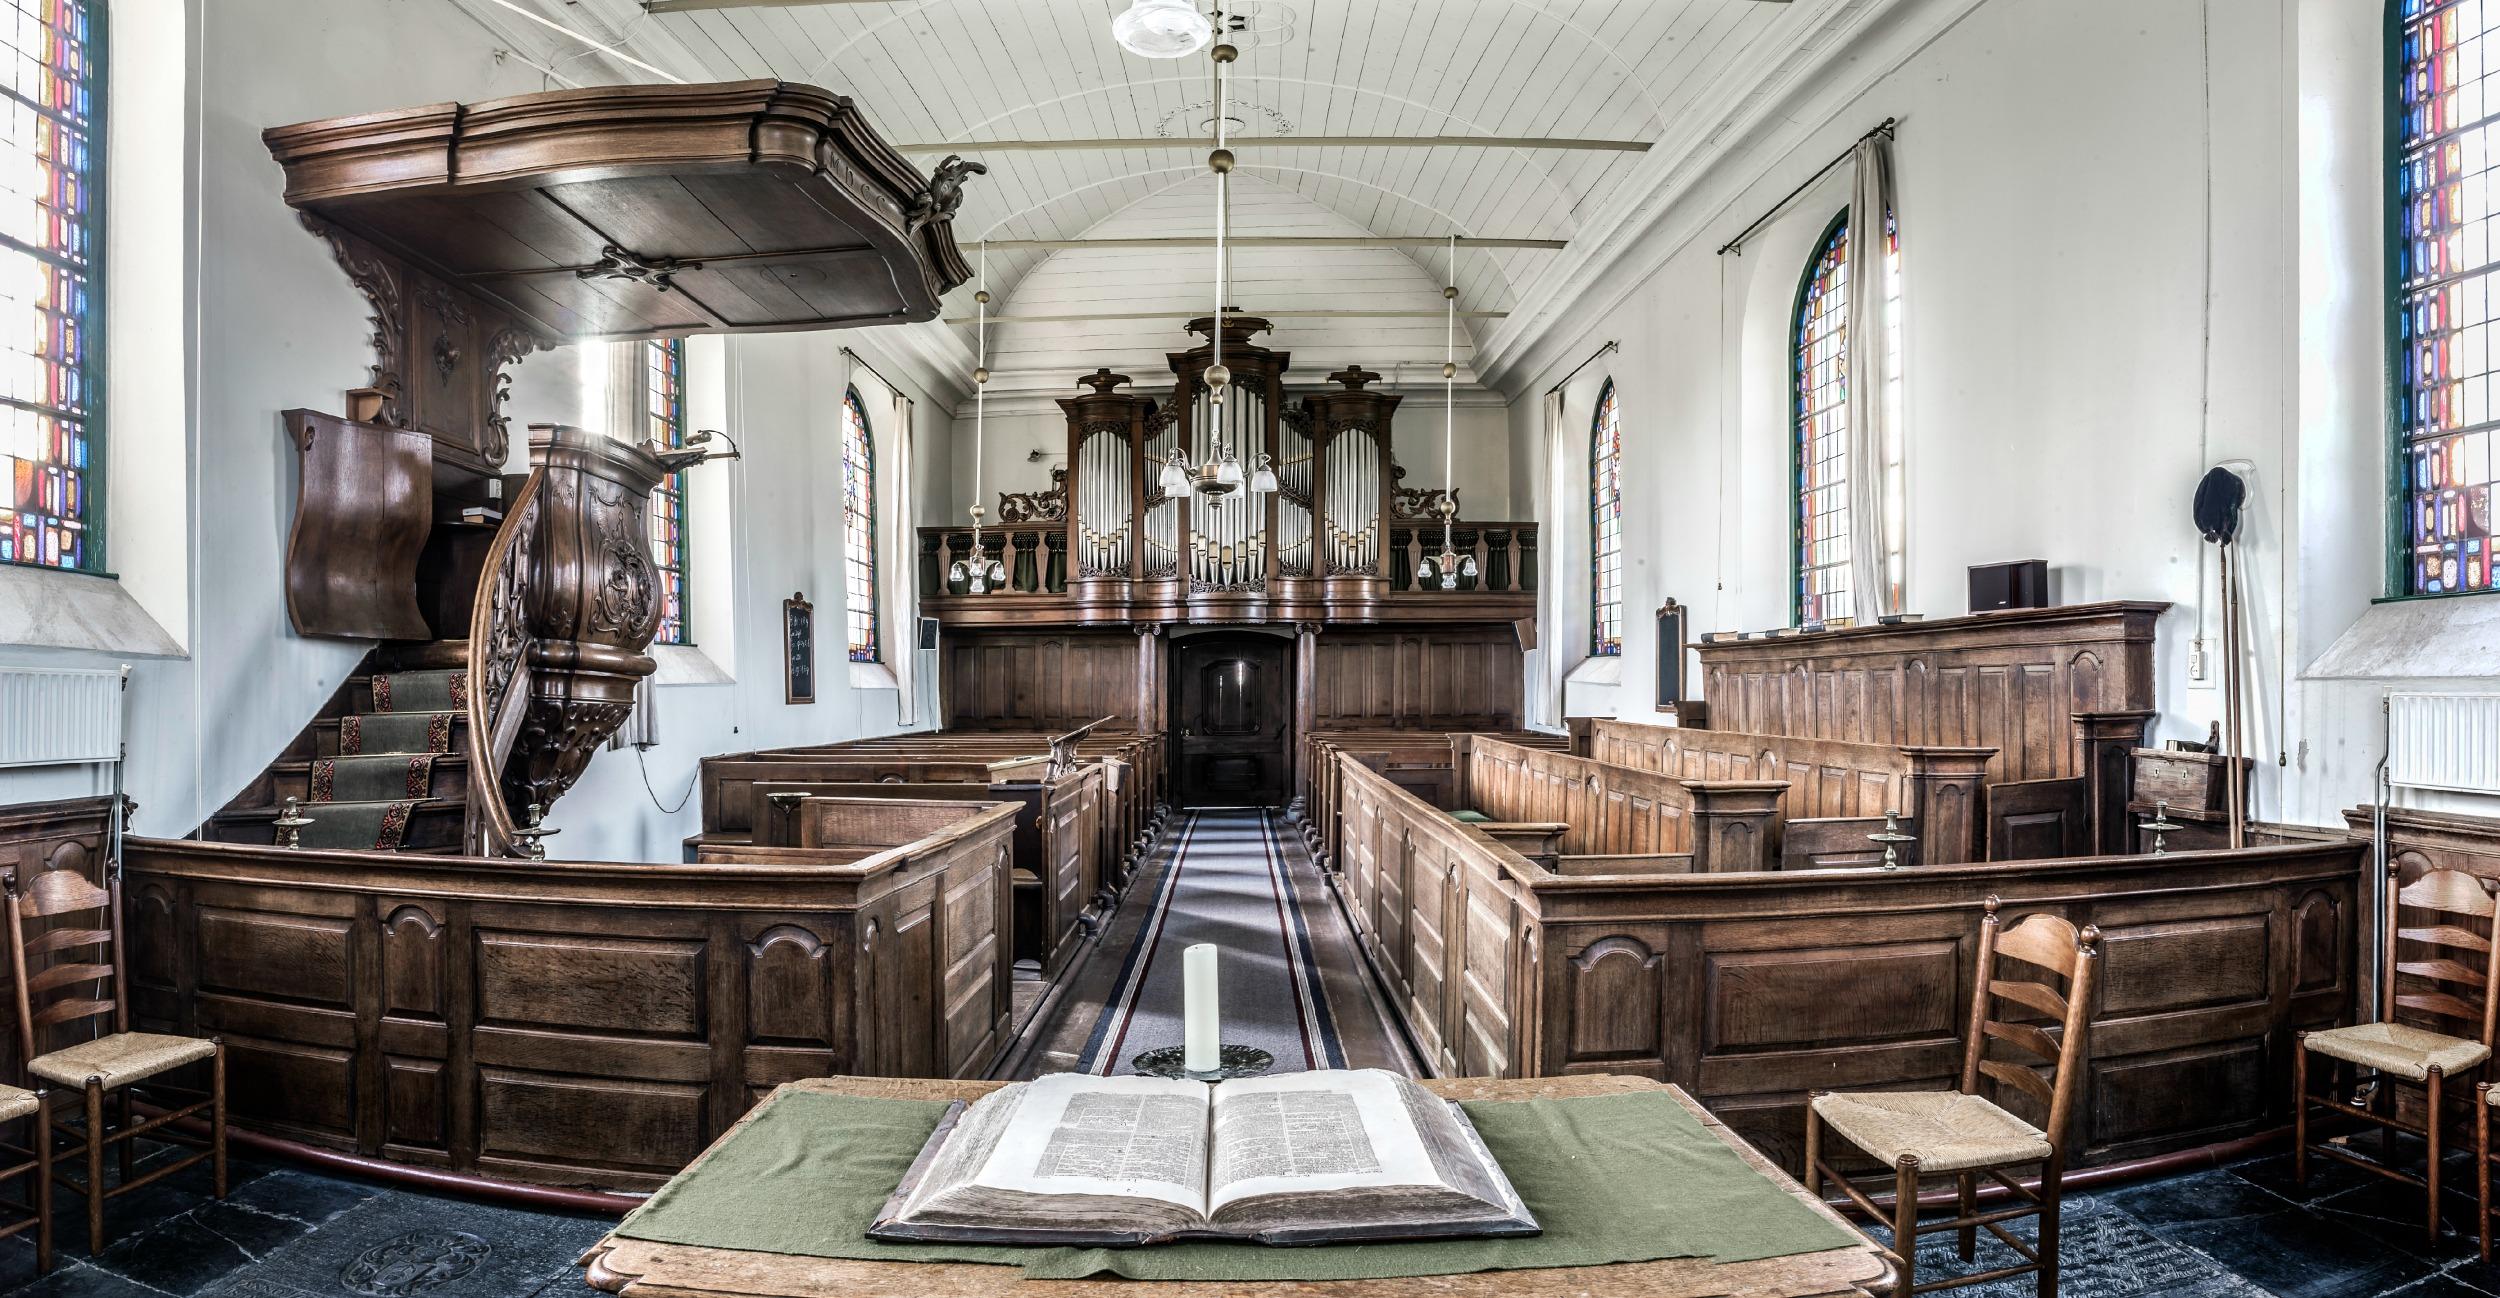 Kerklosdorp interieur fotograaf duncan wijting verkl de for Interieur fotograaf